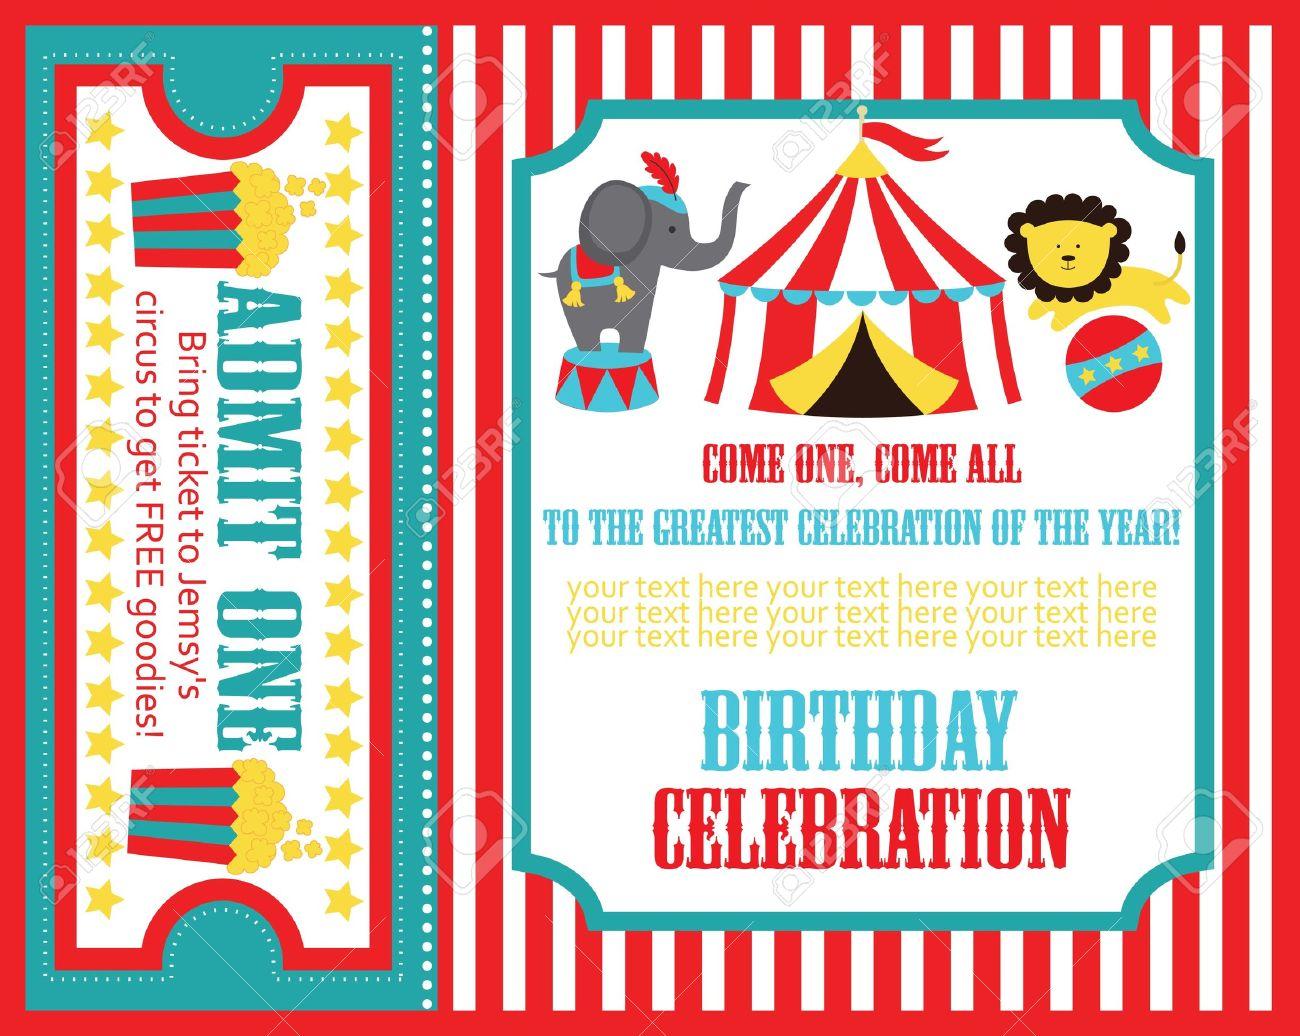 kid birthday invitation card design. vector illustration Stock Vector - 20562490